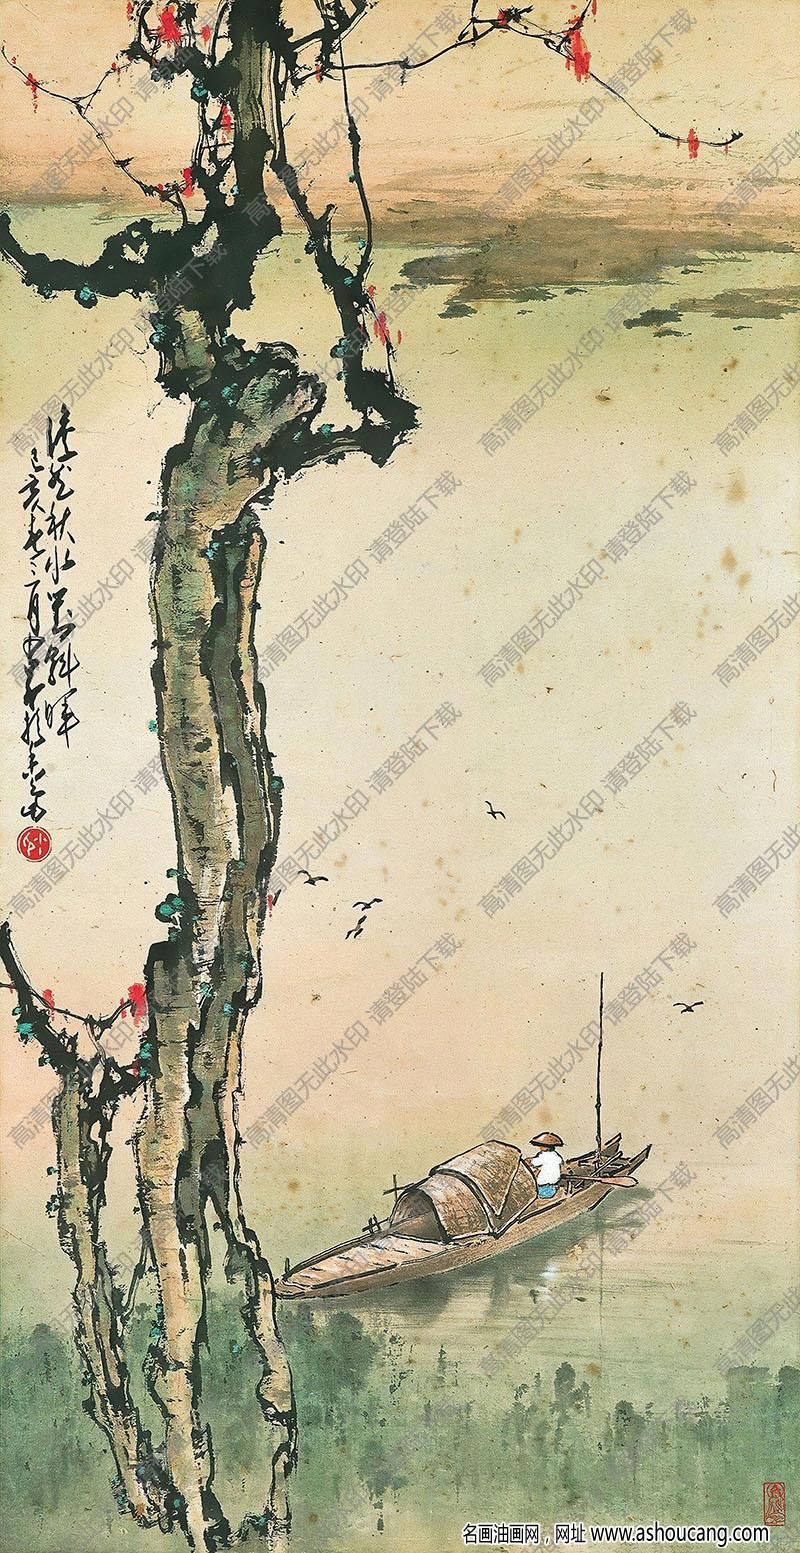 赵少昂作品 秋景 高清大图下载